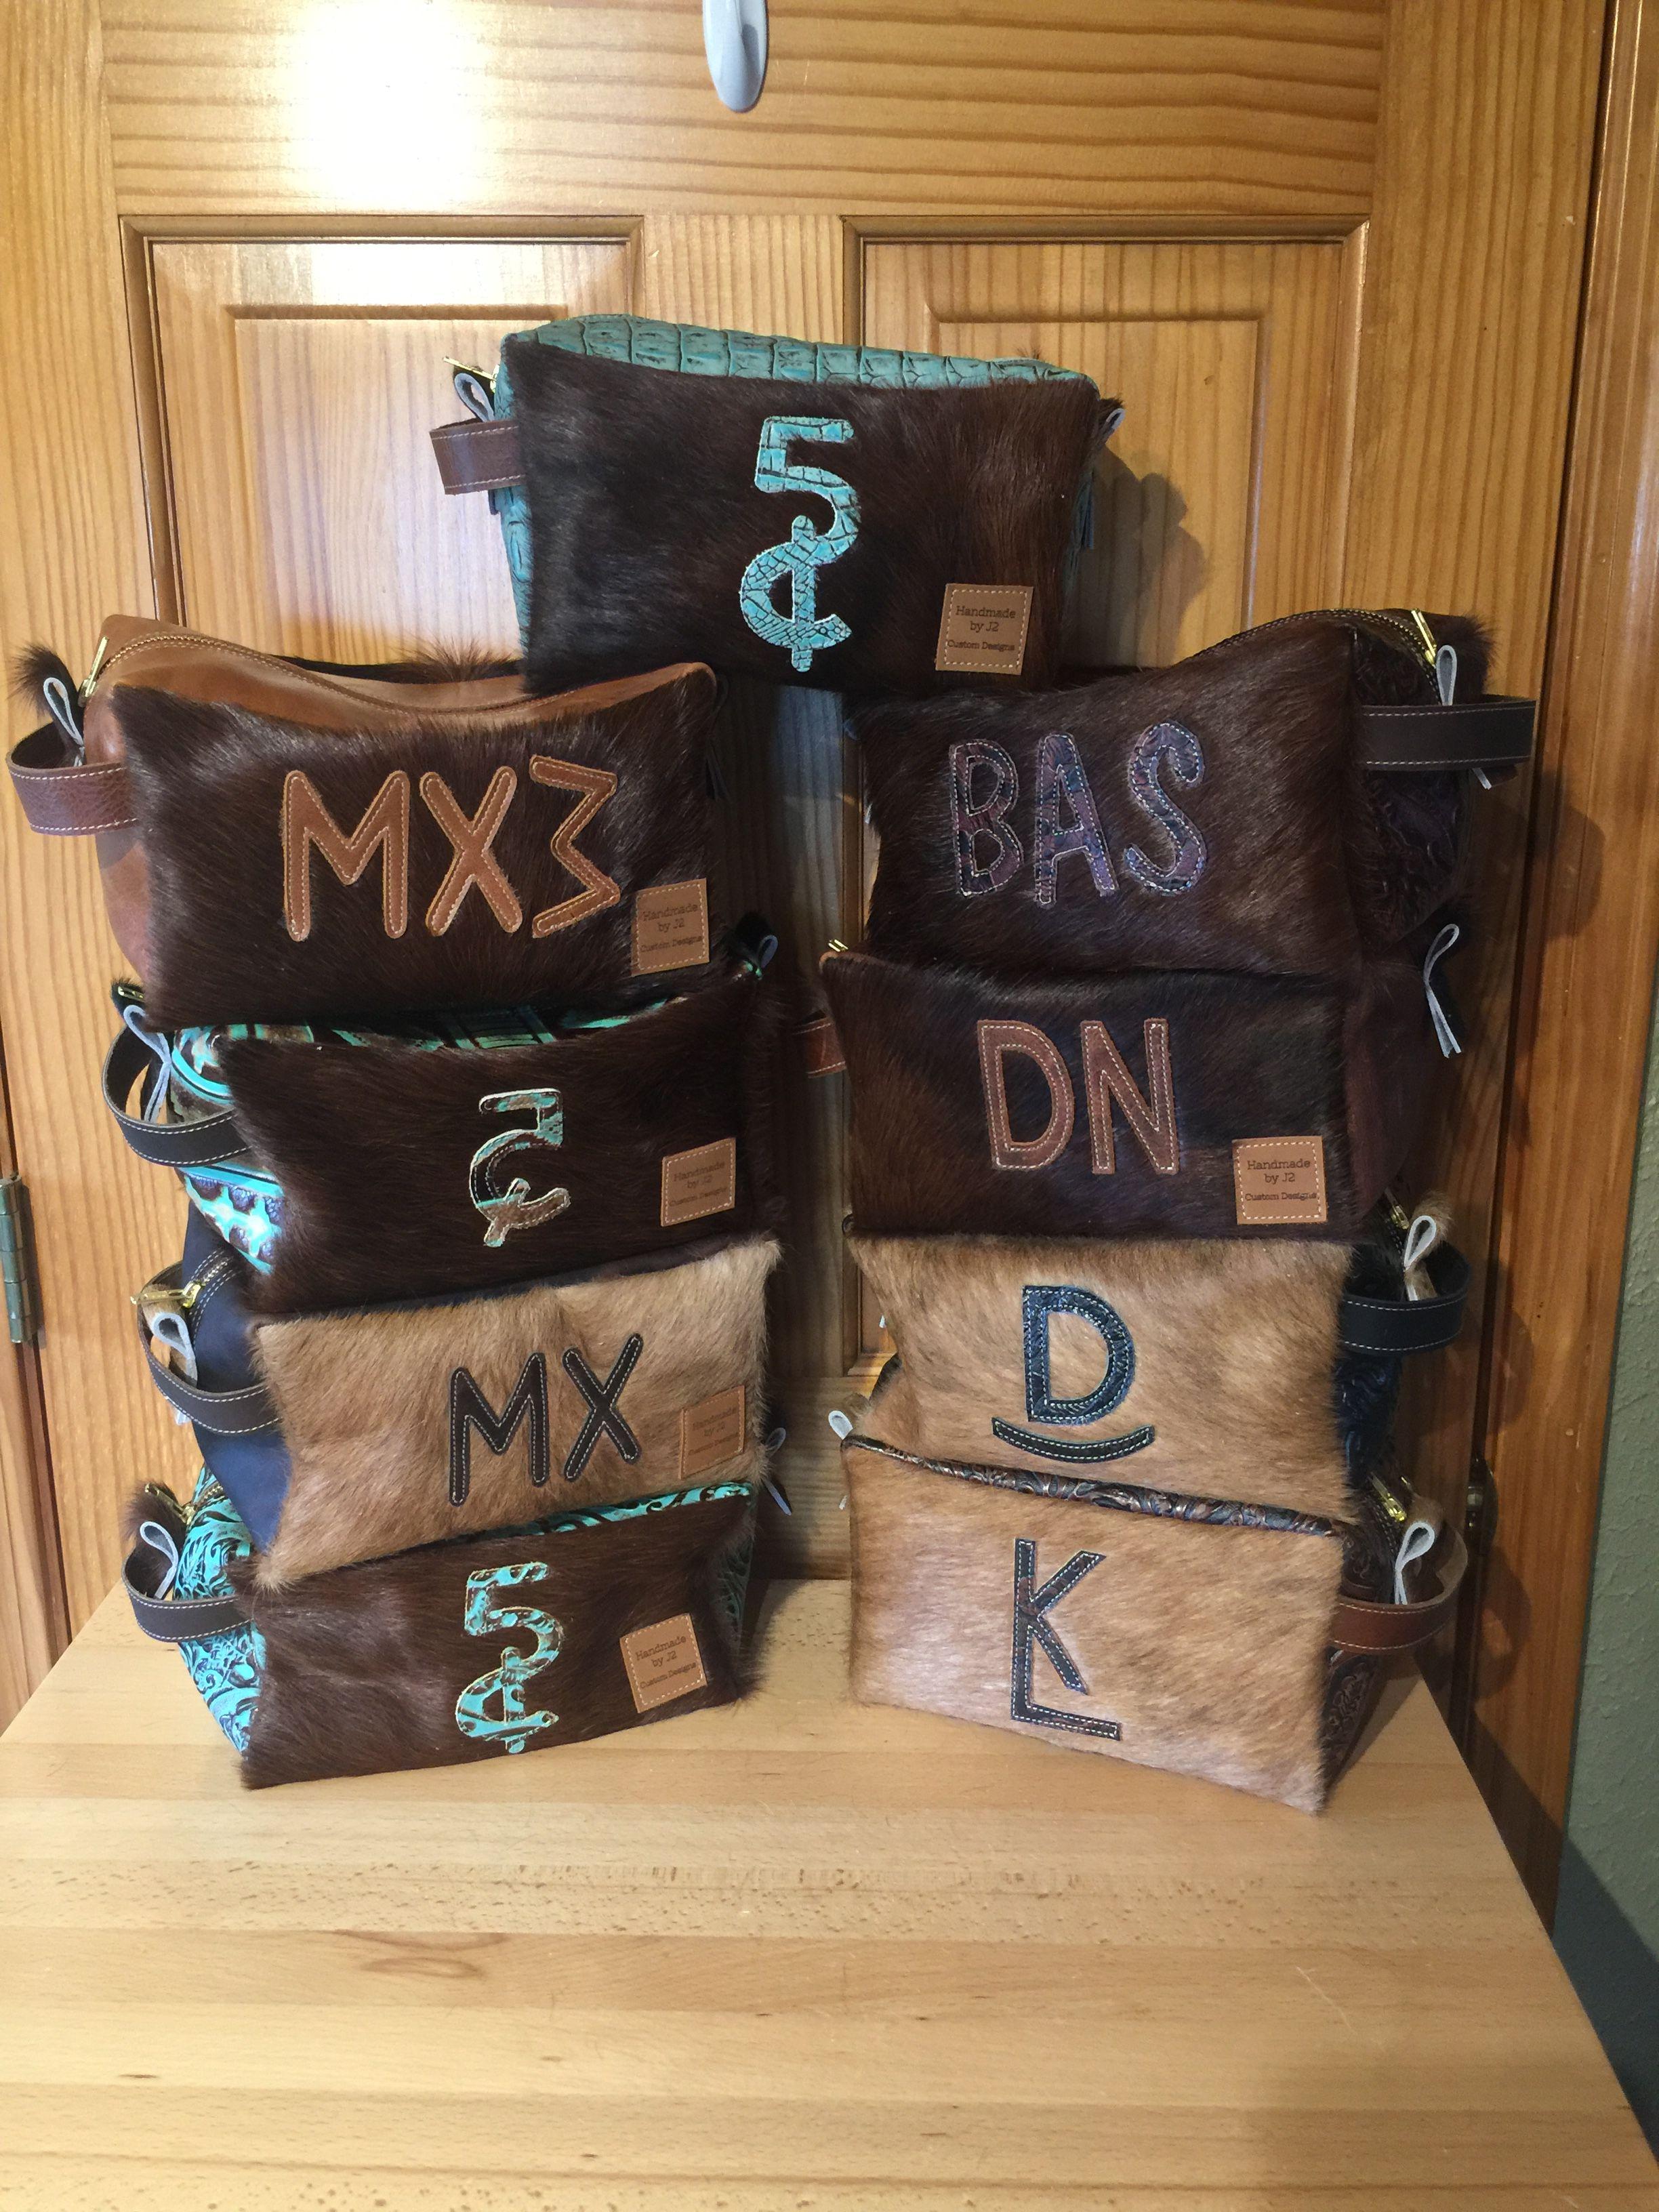 Custom made bags by J2 Custom Designs in 2020 Cowhide